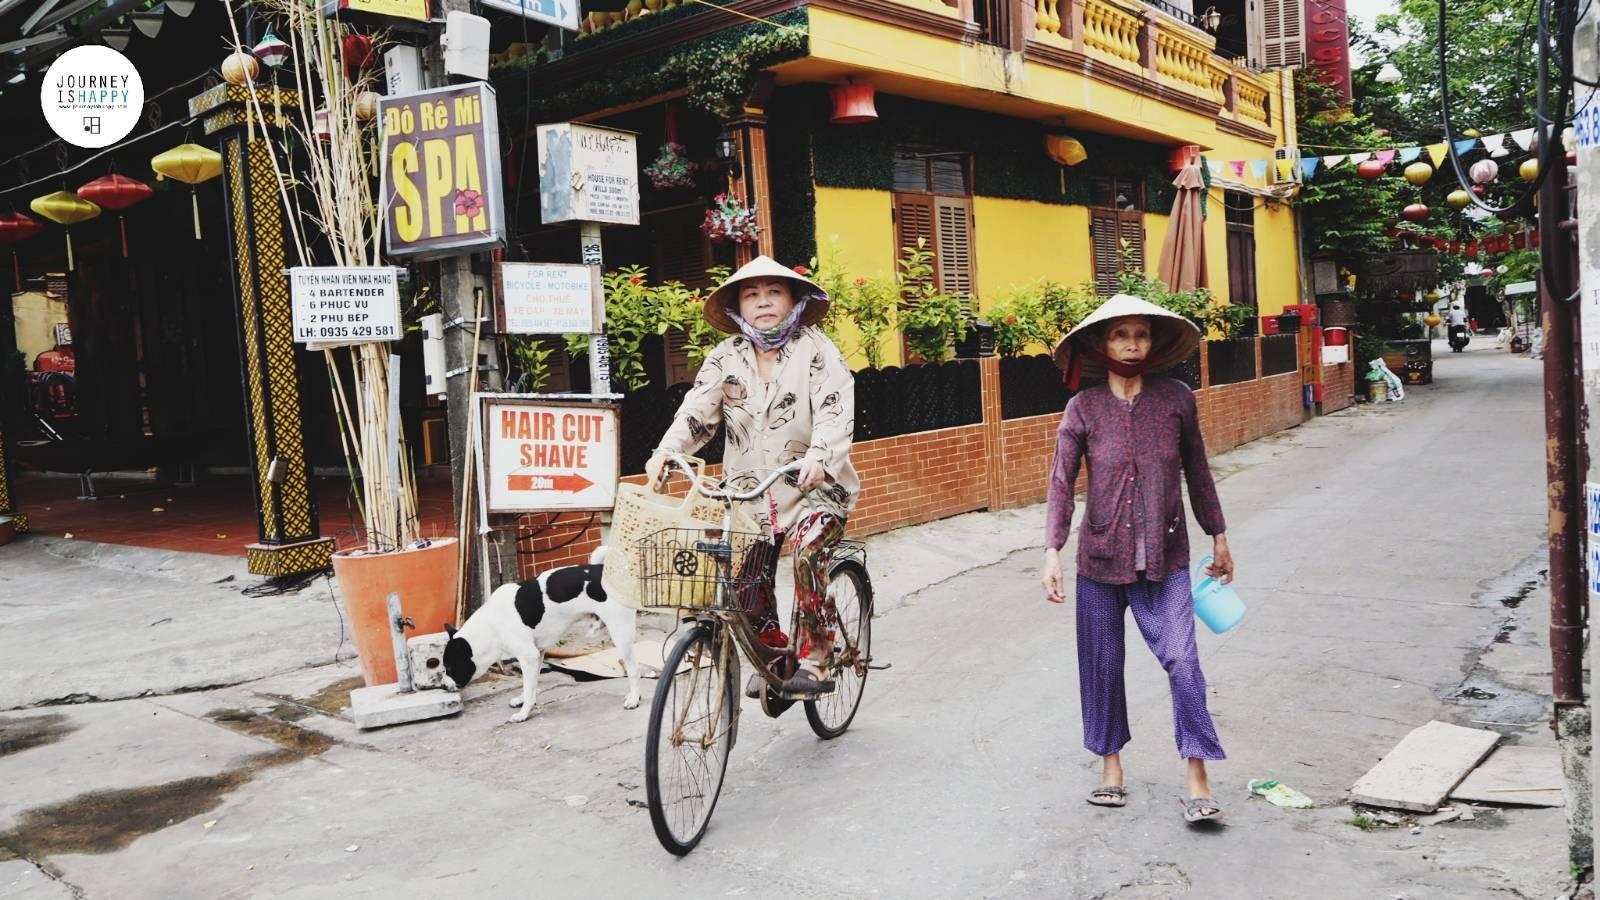 รีวิวเที่ยวเวียดนาม เที่ยวเวียดนาม ที่เที่ยวเวียดนาม เวียดนาม ที่เที่ยว